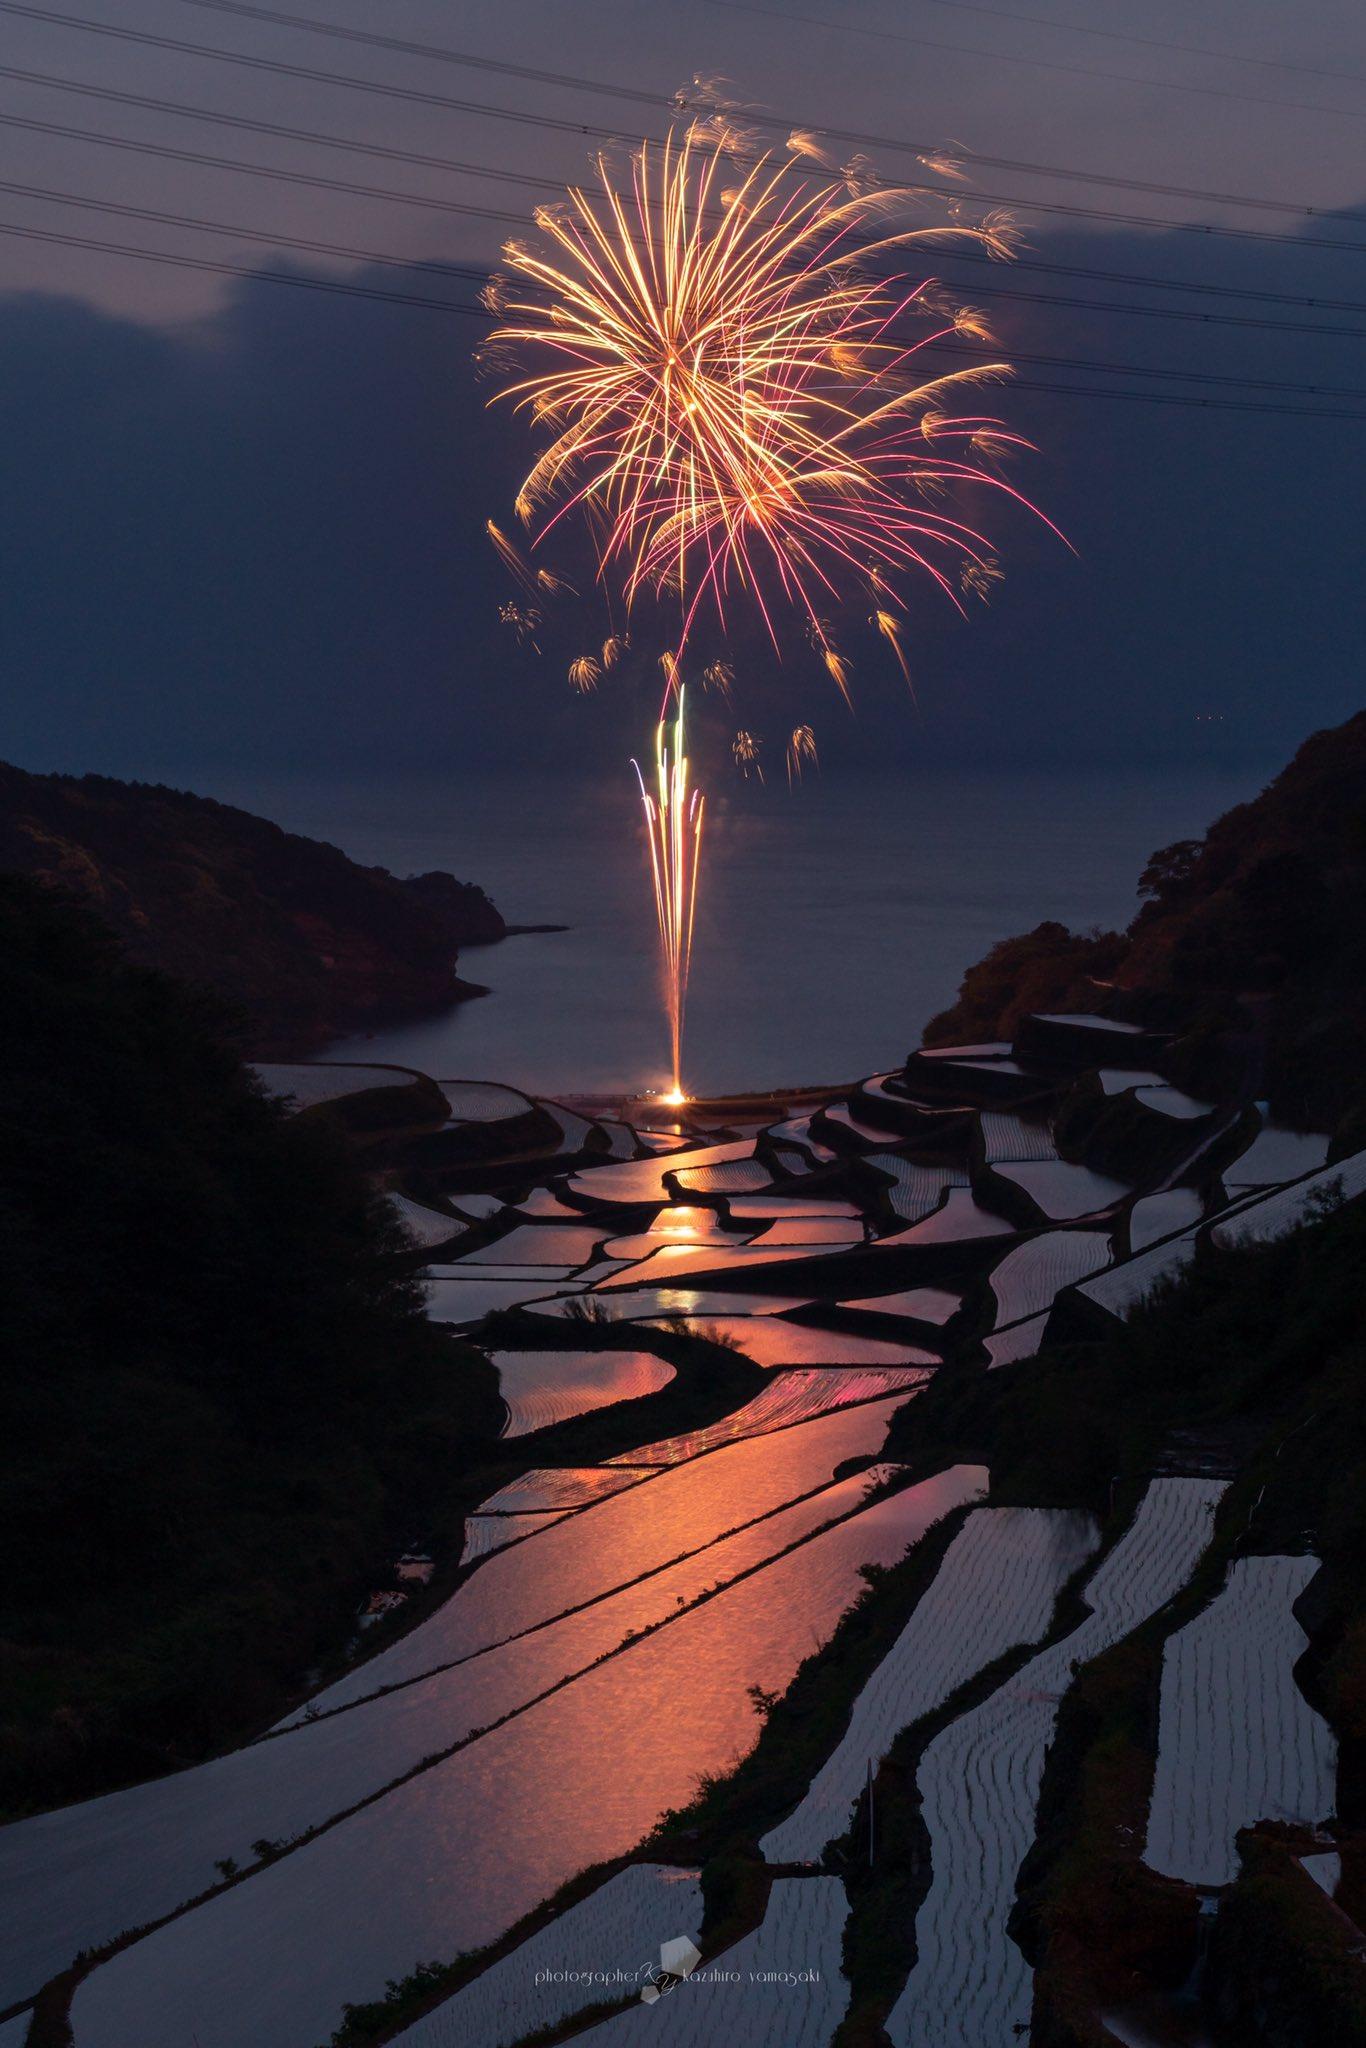 令和元年、夕景で有名な浜野浦の棚田「佐賀県」ですが、美しい花火を見ることが出来ました!😊